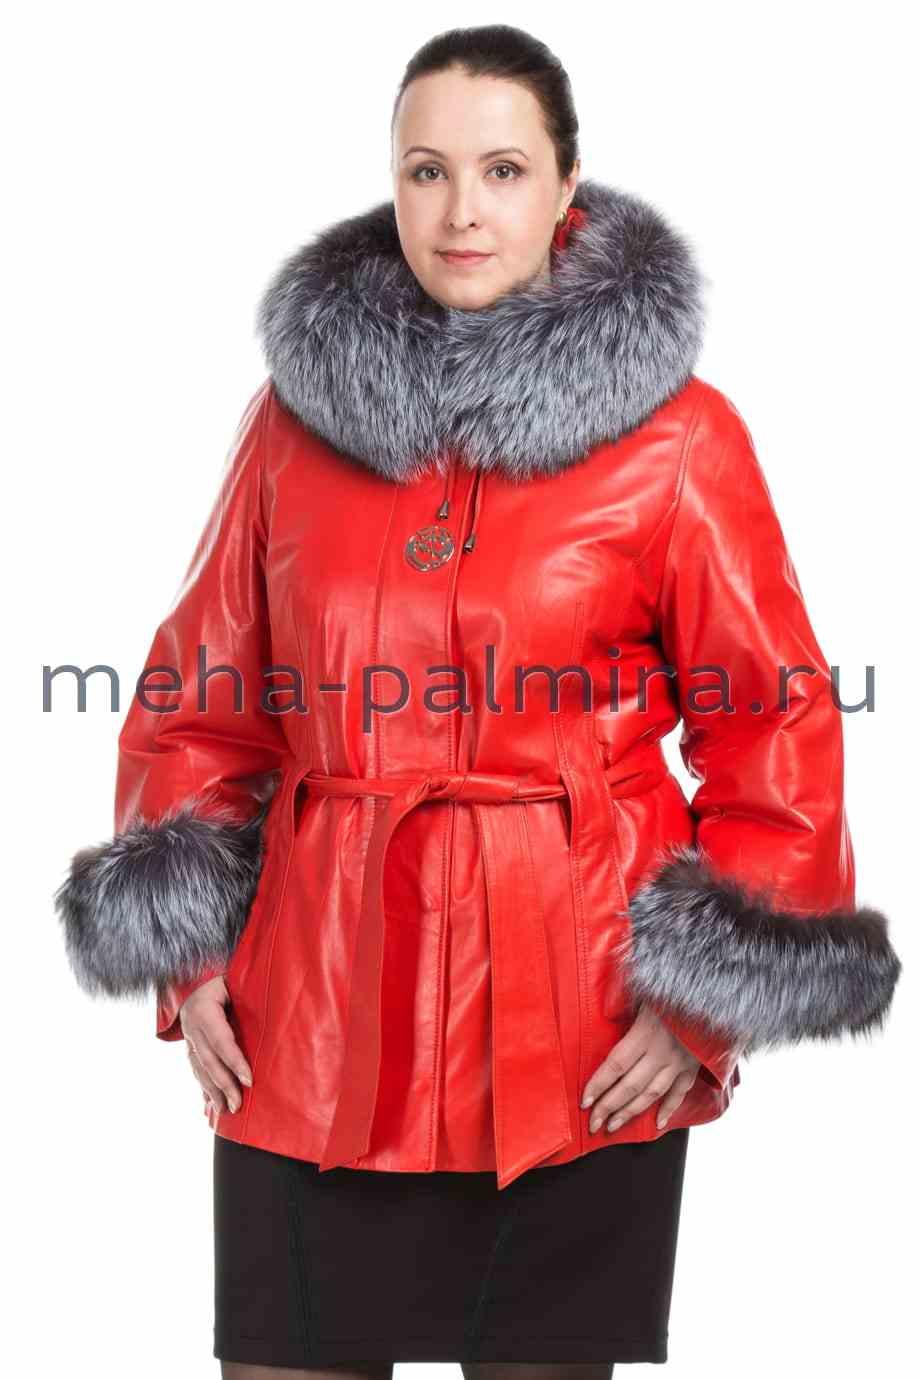 Женская кожаная куртка с капюшоном, цвет коралл, отделка мех чернобурки